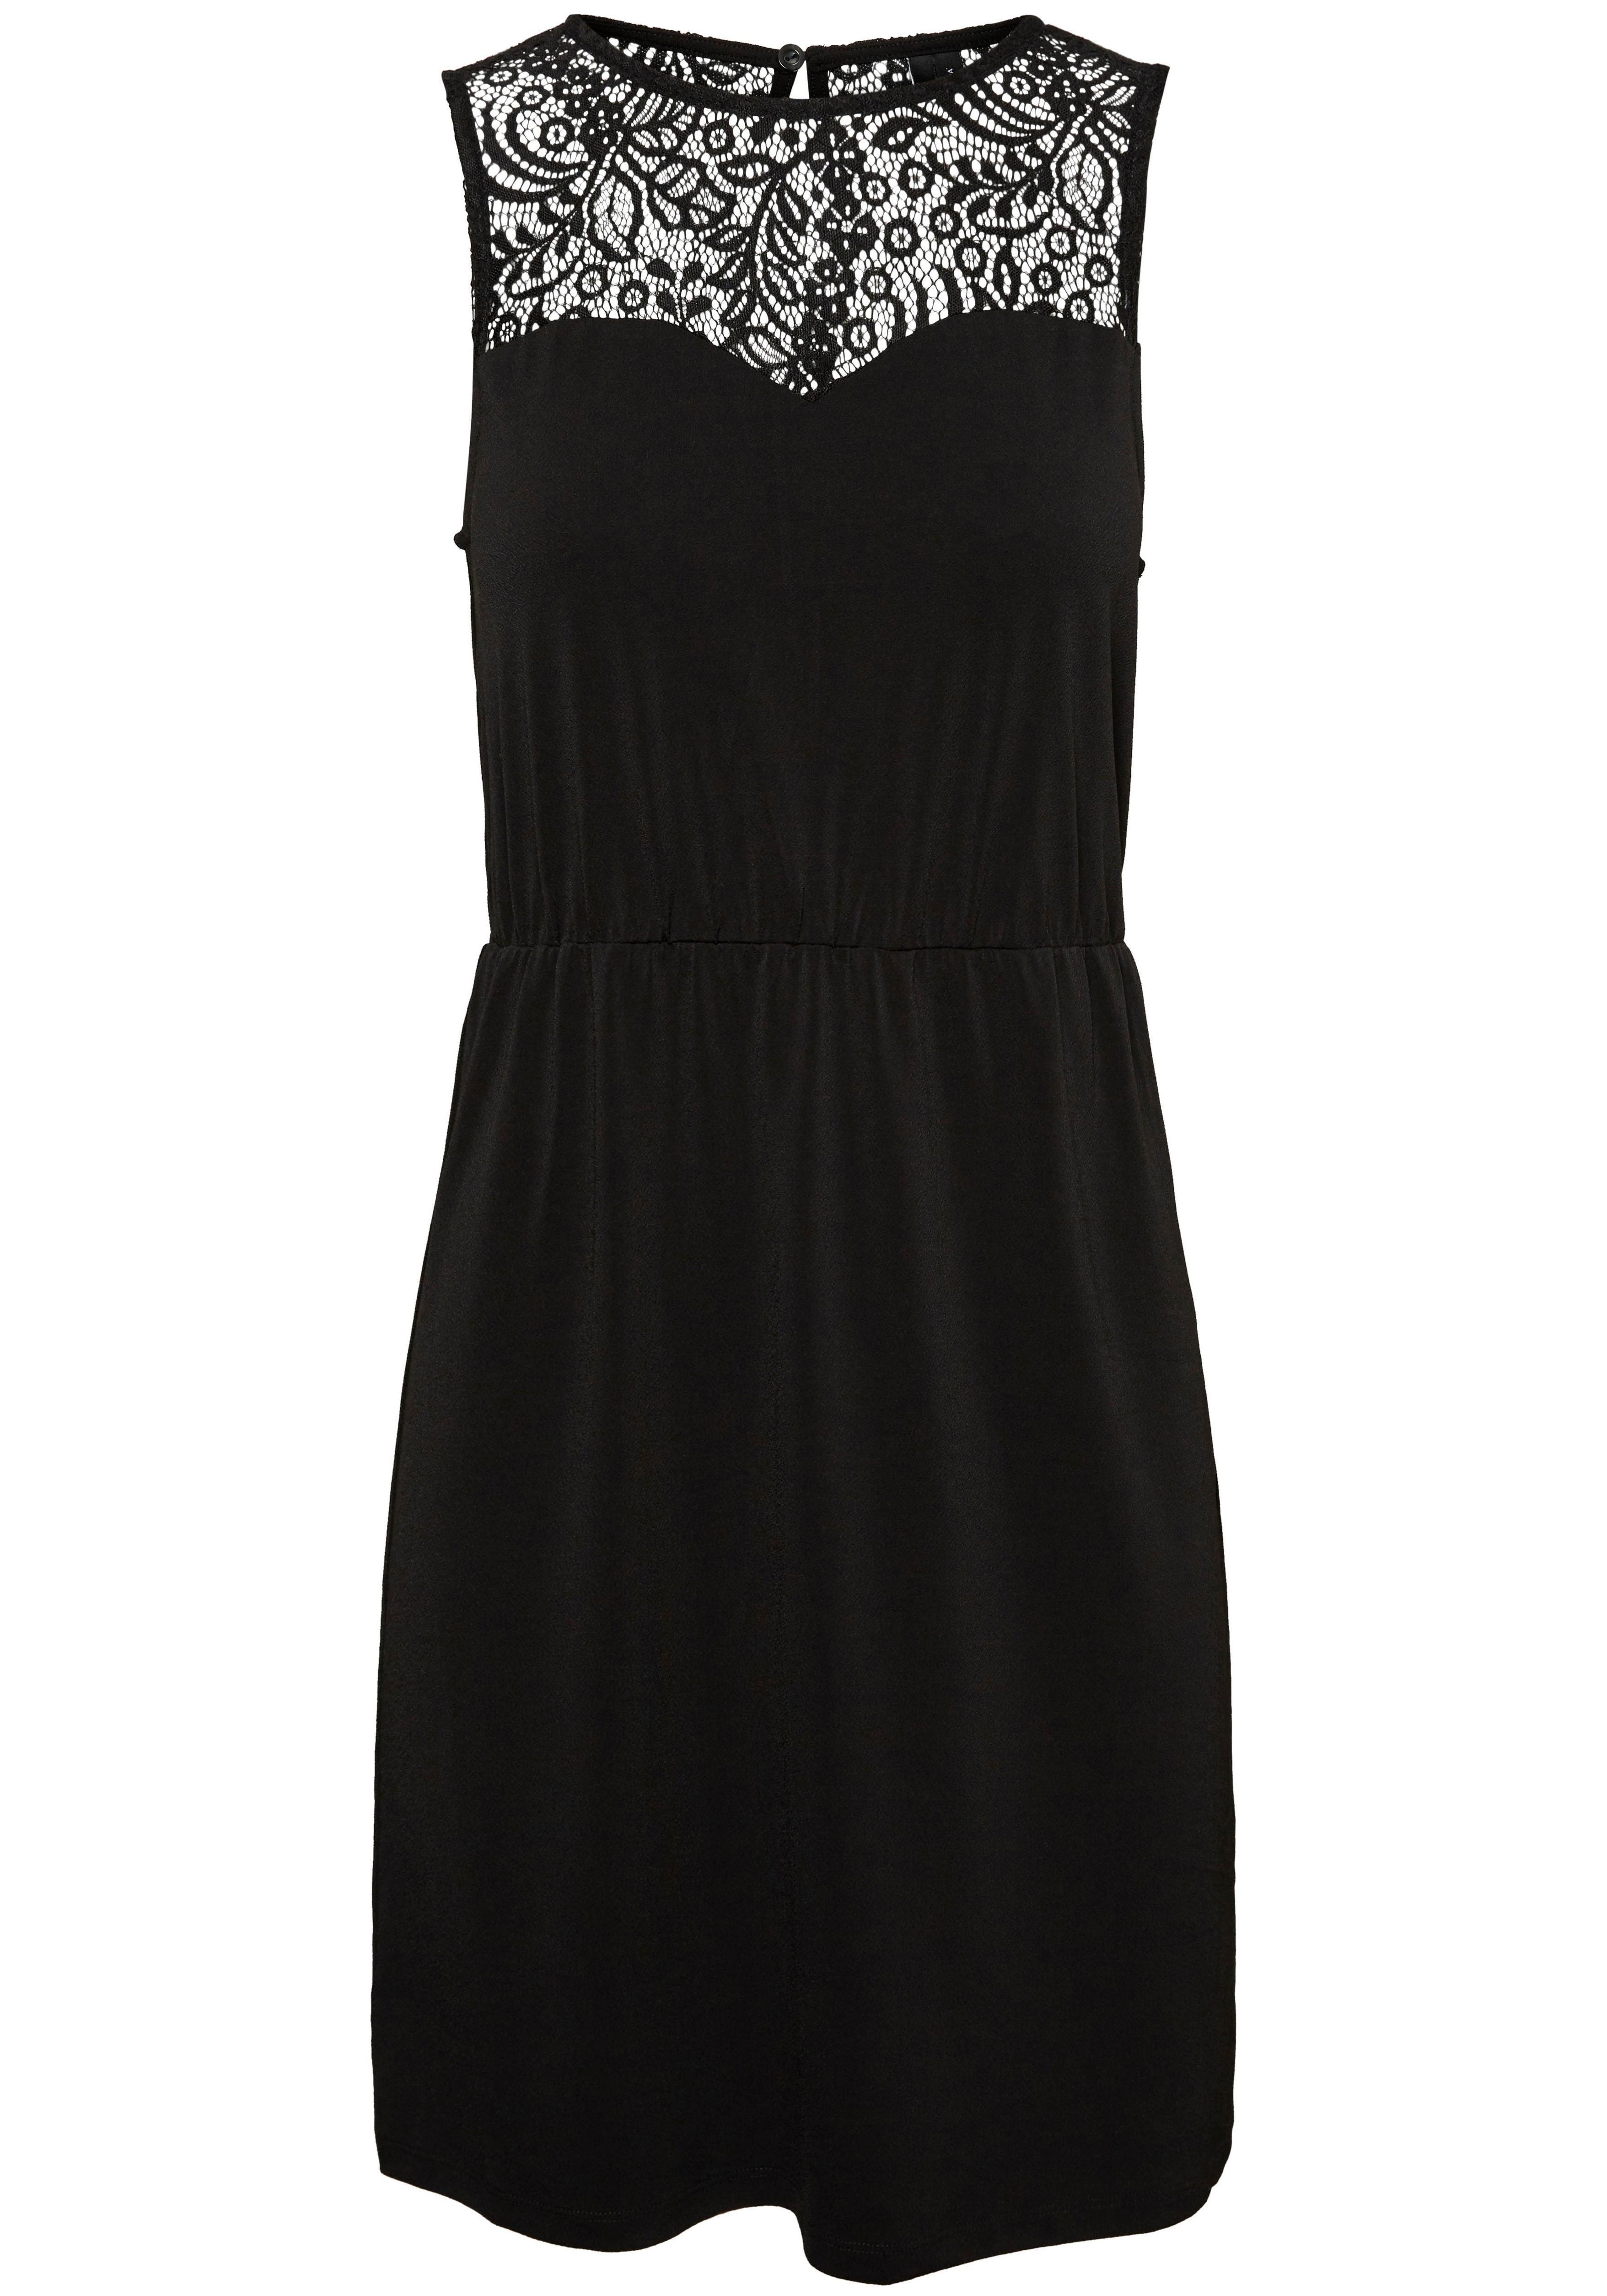 VERO MODA kanten jurk »MILLA« bestellen: 14 dagen bedenktijd